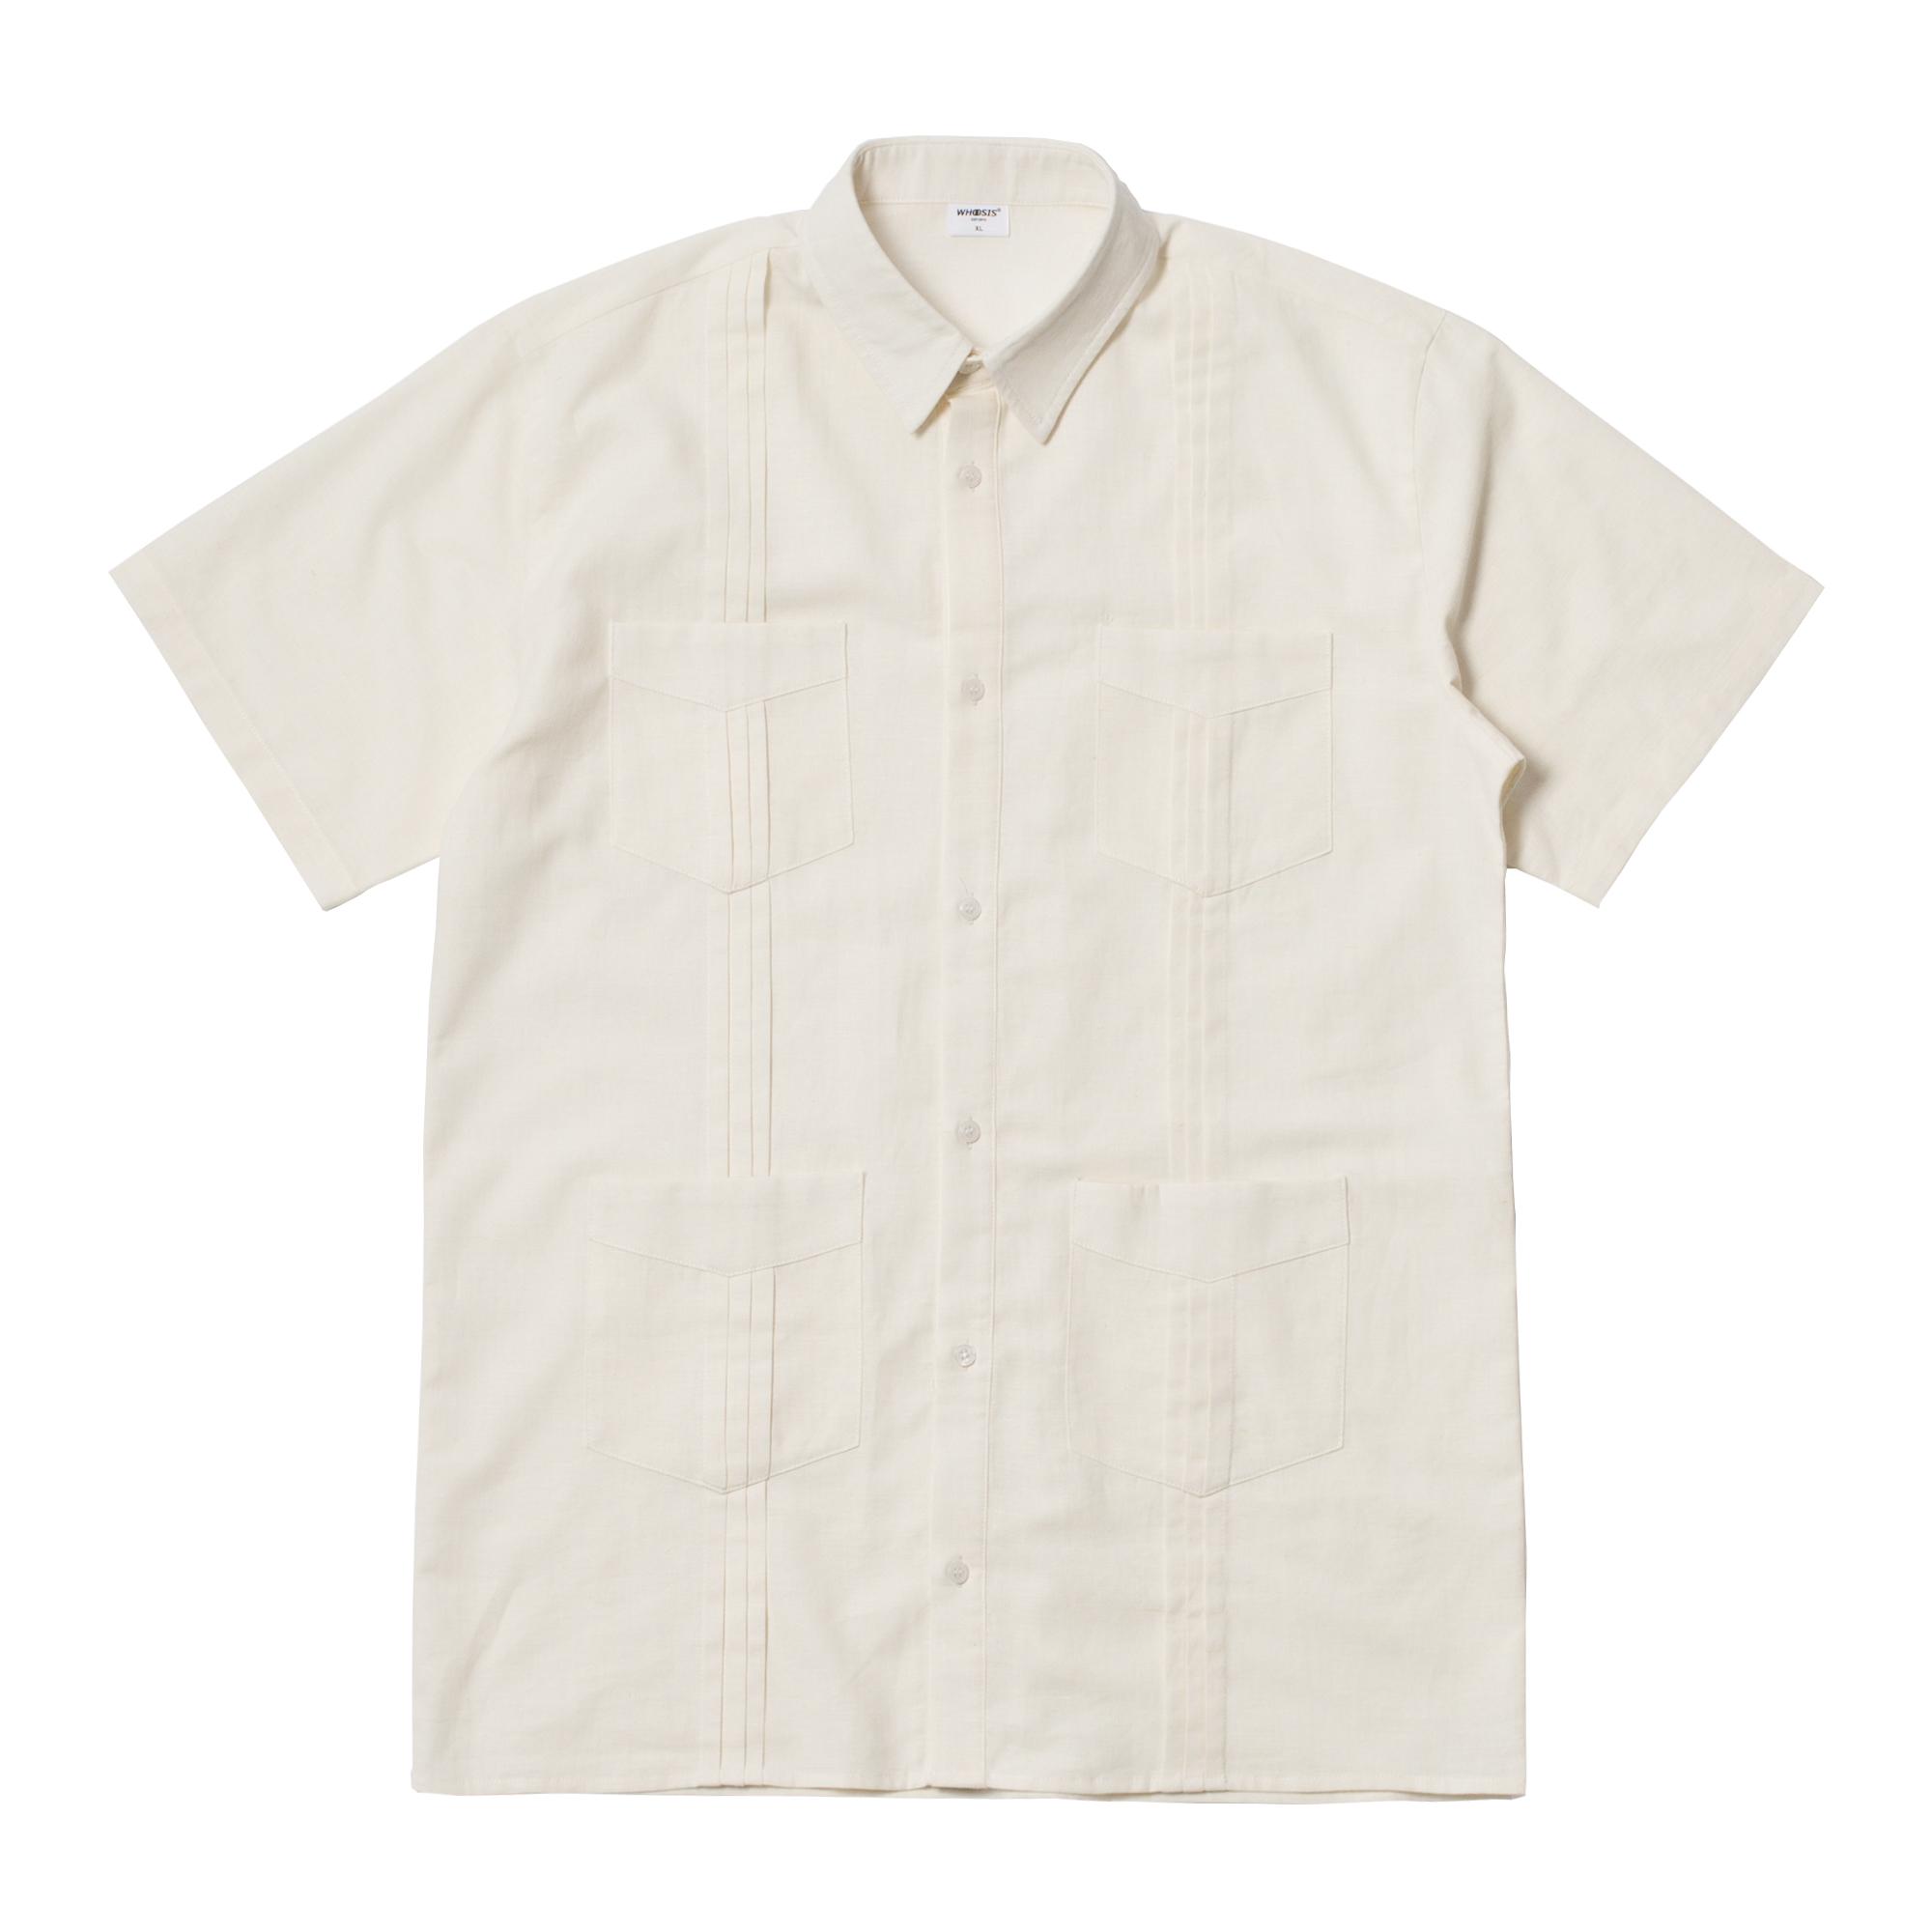 (限时清仓)WHOOSIS 2018 Rayon shirt  麻棉短袖衬衫